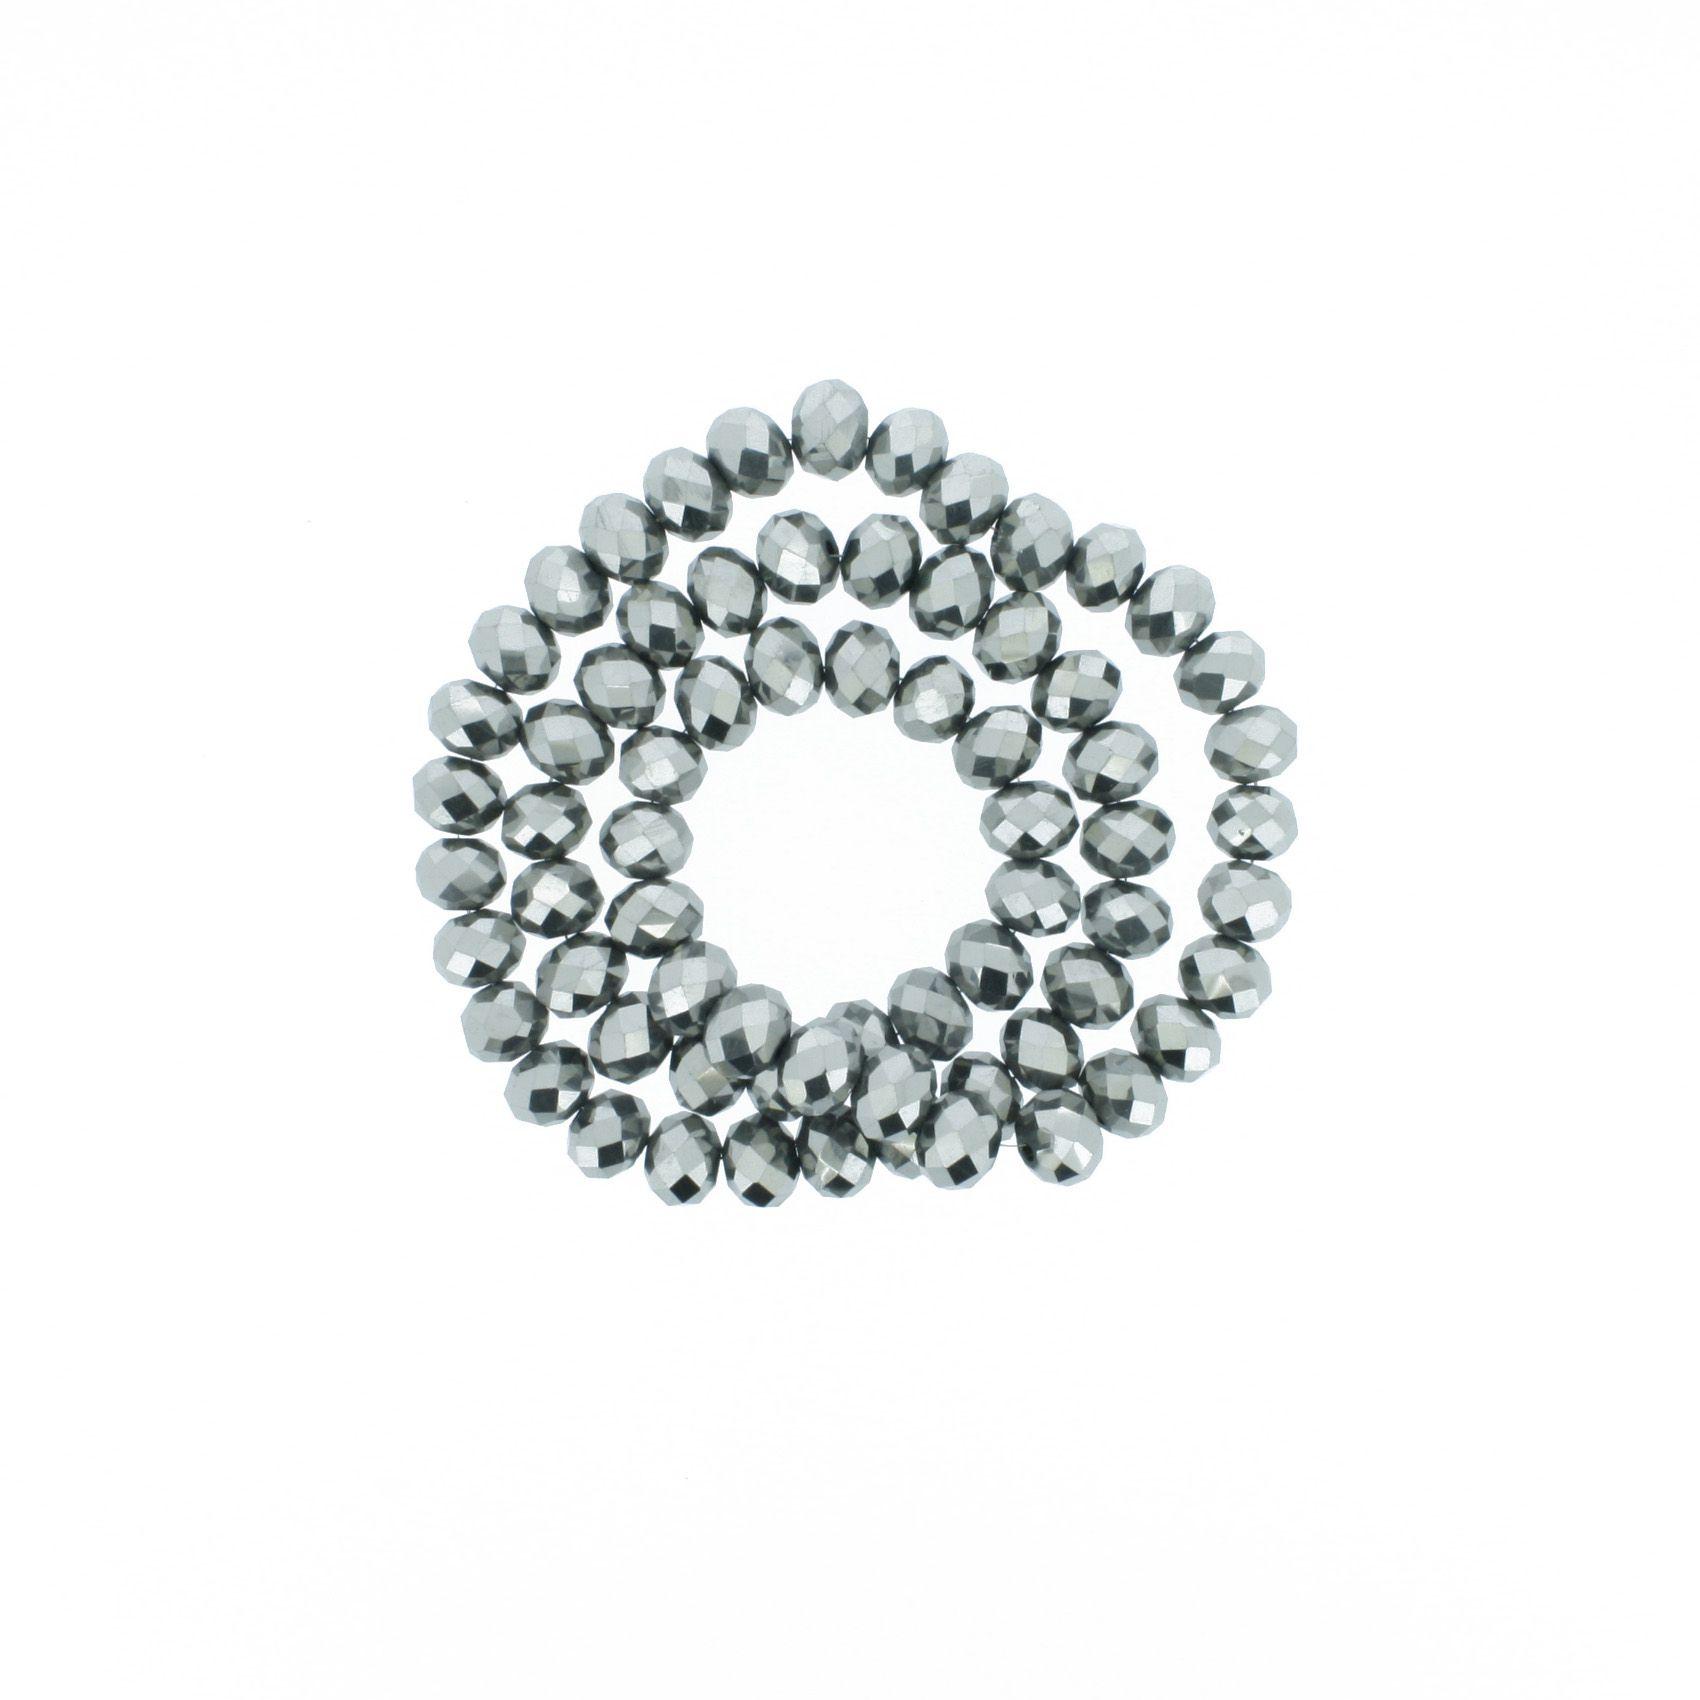 Fio de Cristal - Flat® - Prata Escuro - 8mm  - Stéphanie Bijoux® - Peças para Bijuterias e Artesanato